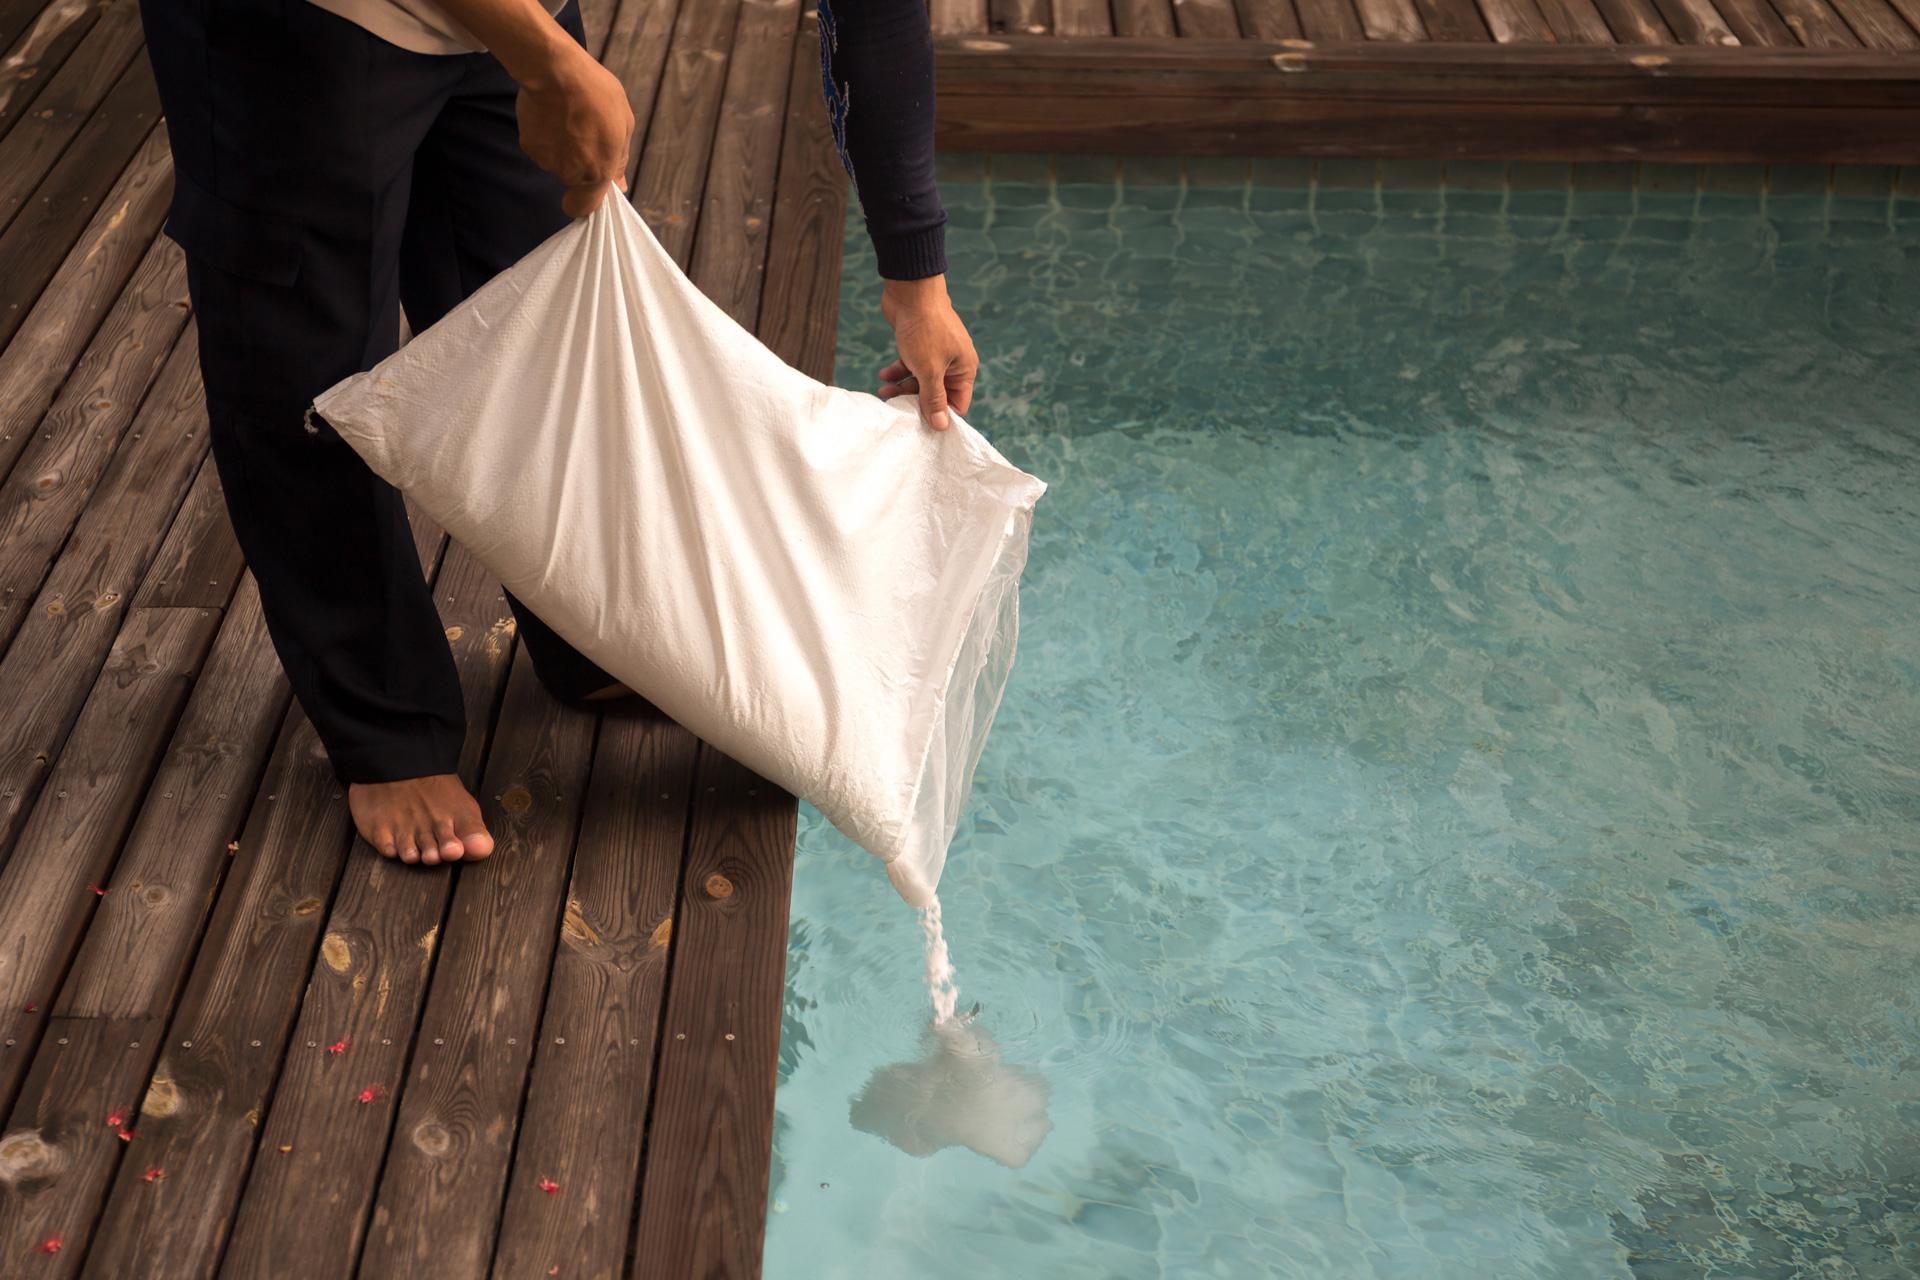 Chlore Ou Sel, Quel Traitement Pour Votre Piscine ? - Aquapolis intérieur Traitement Piscine Hors Sol